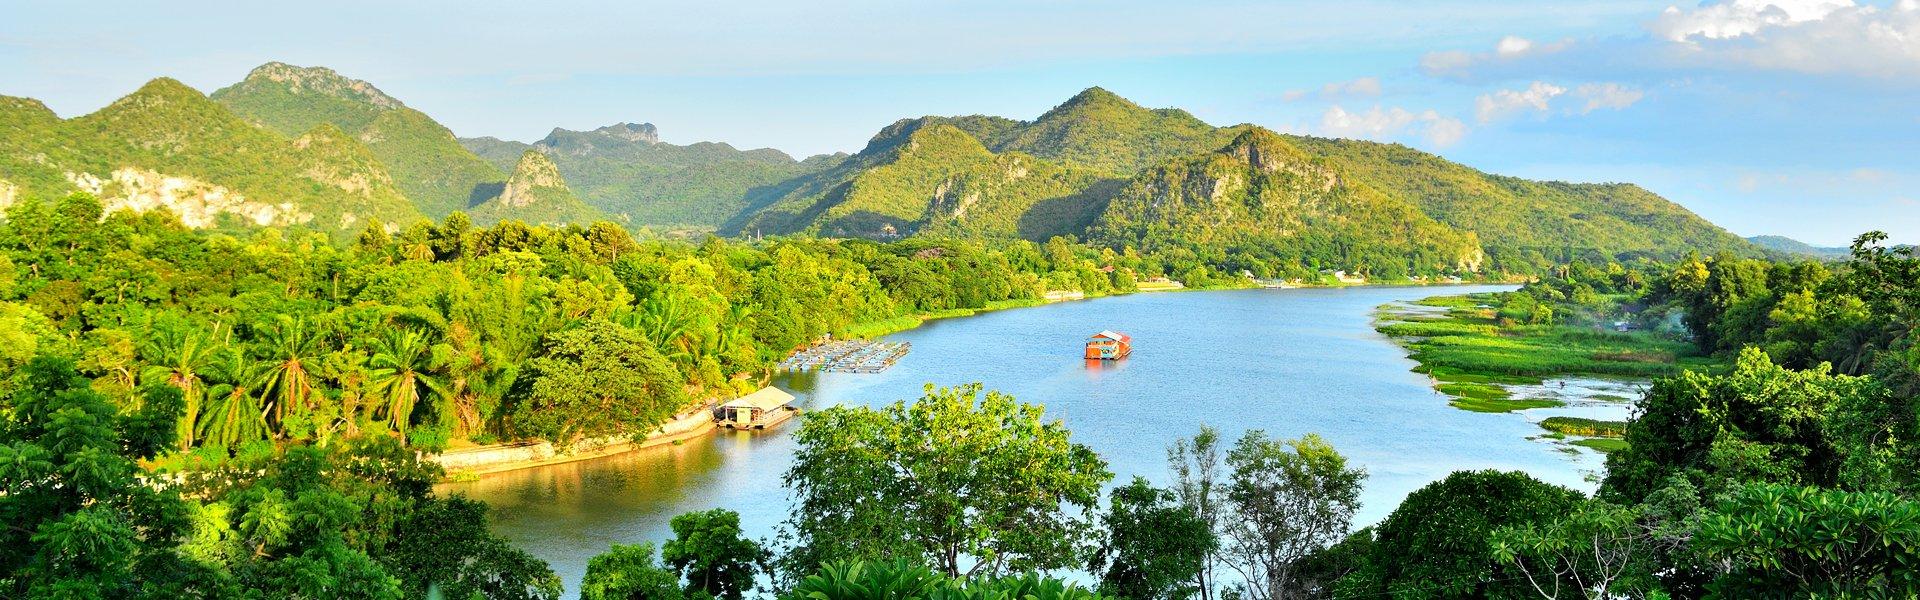 Mekong-rivier, Thailand